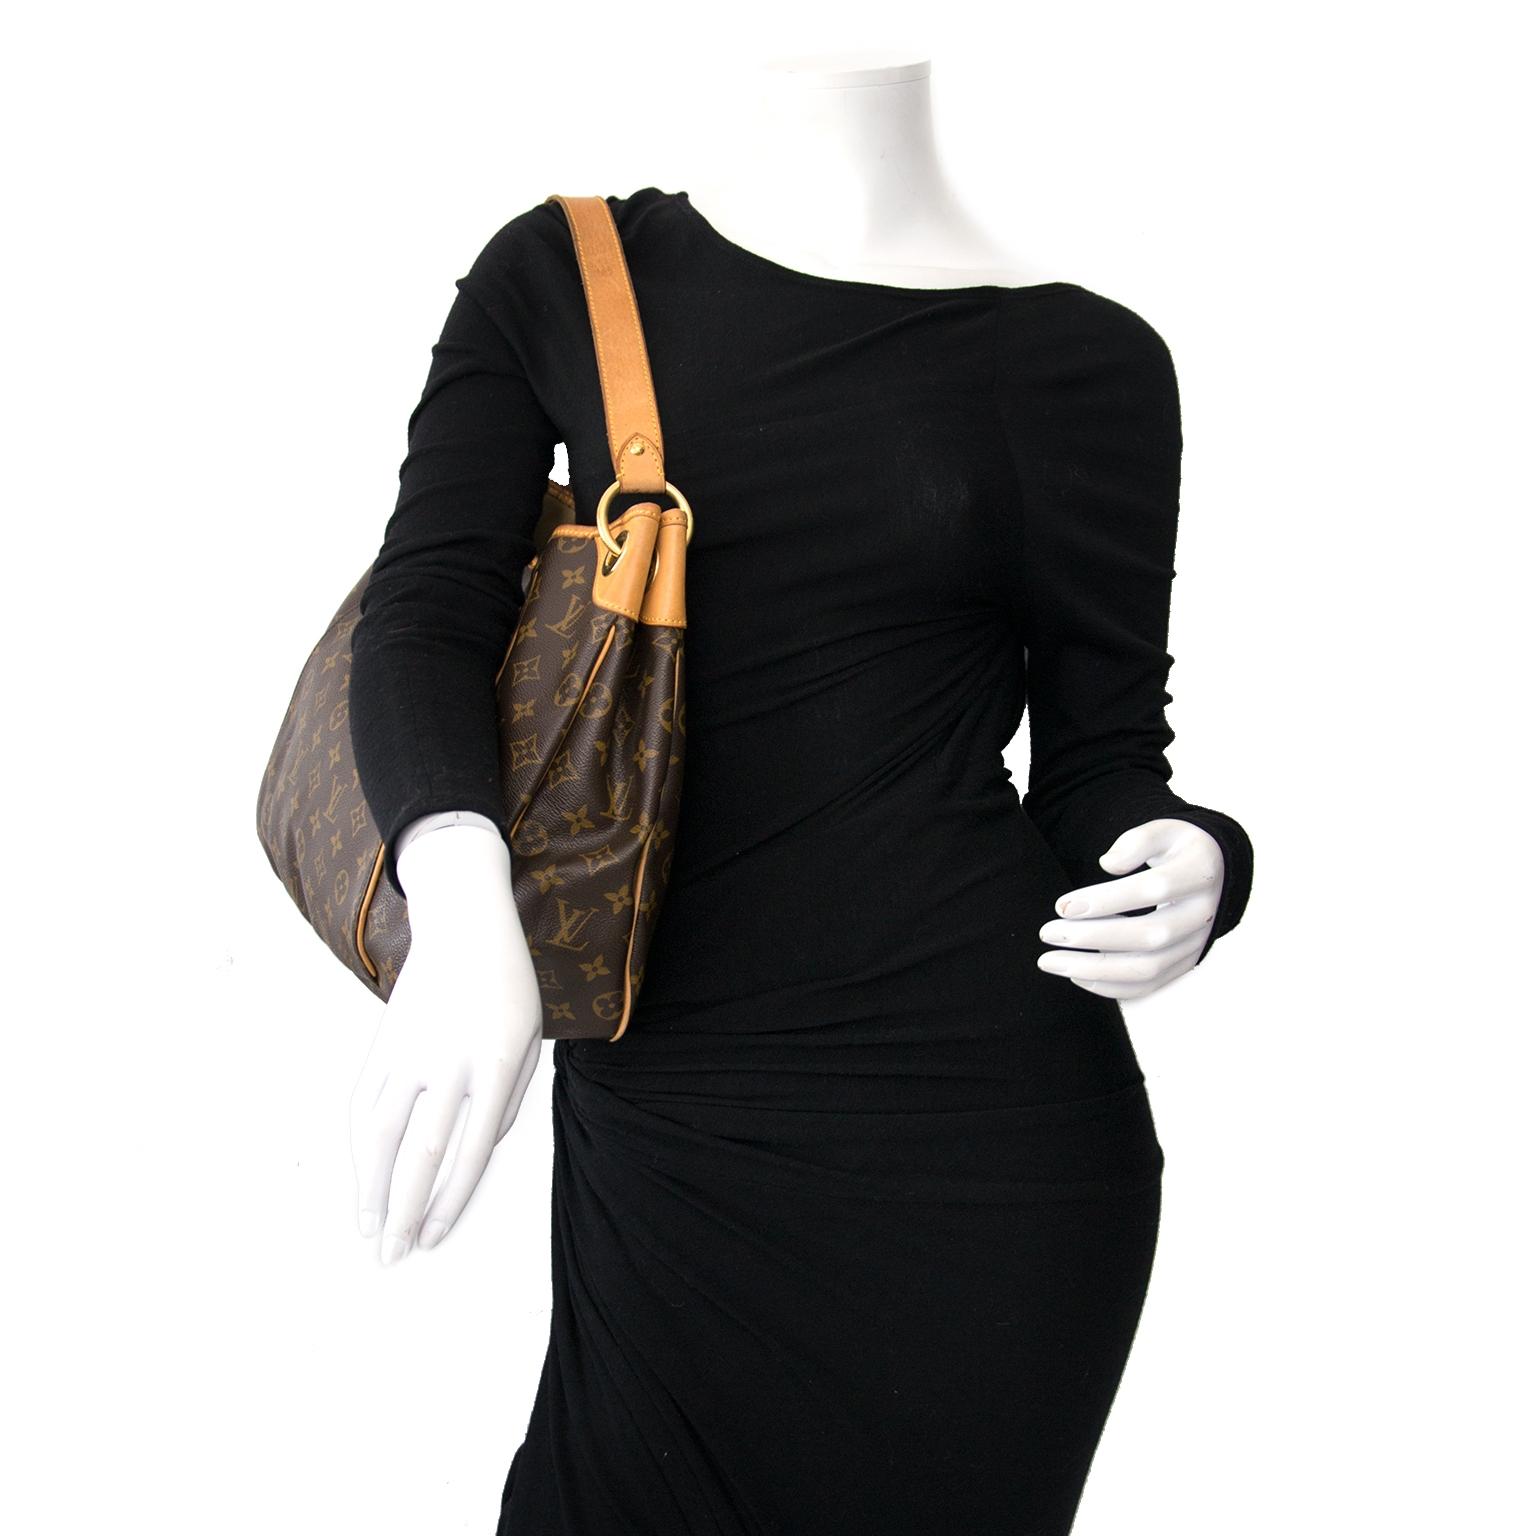 Koop en verkoop uw authentieke designer handtassen bij Labellov